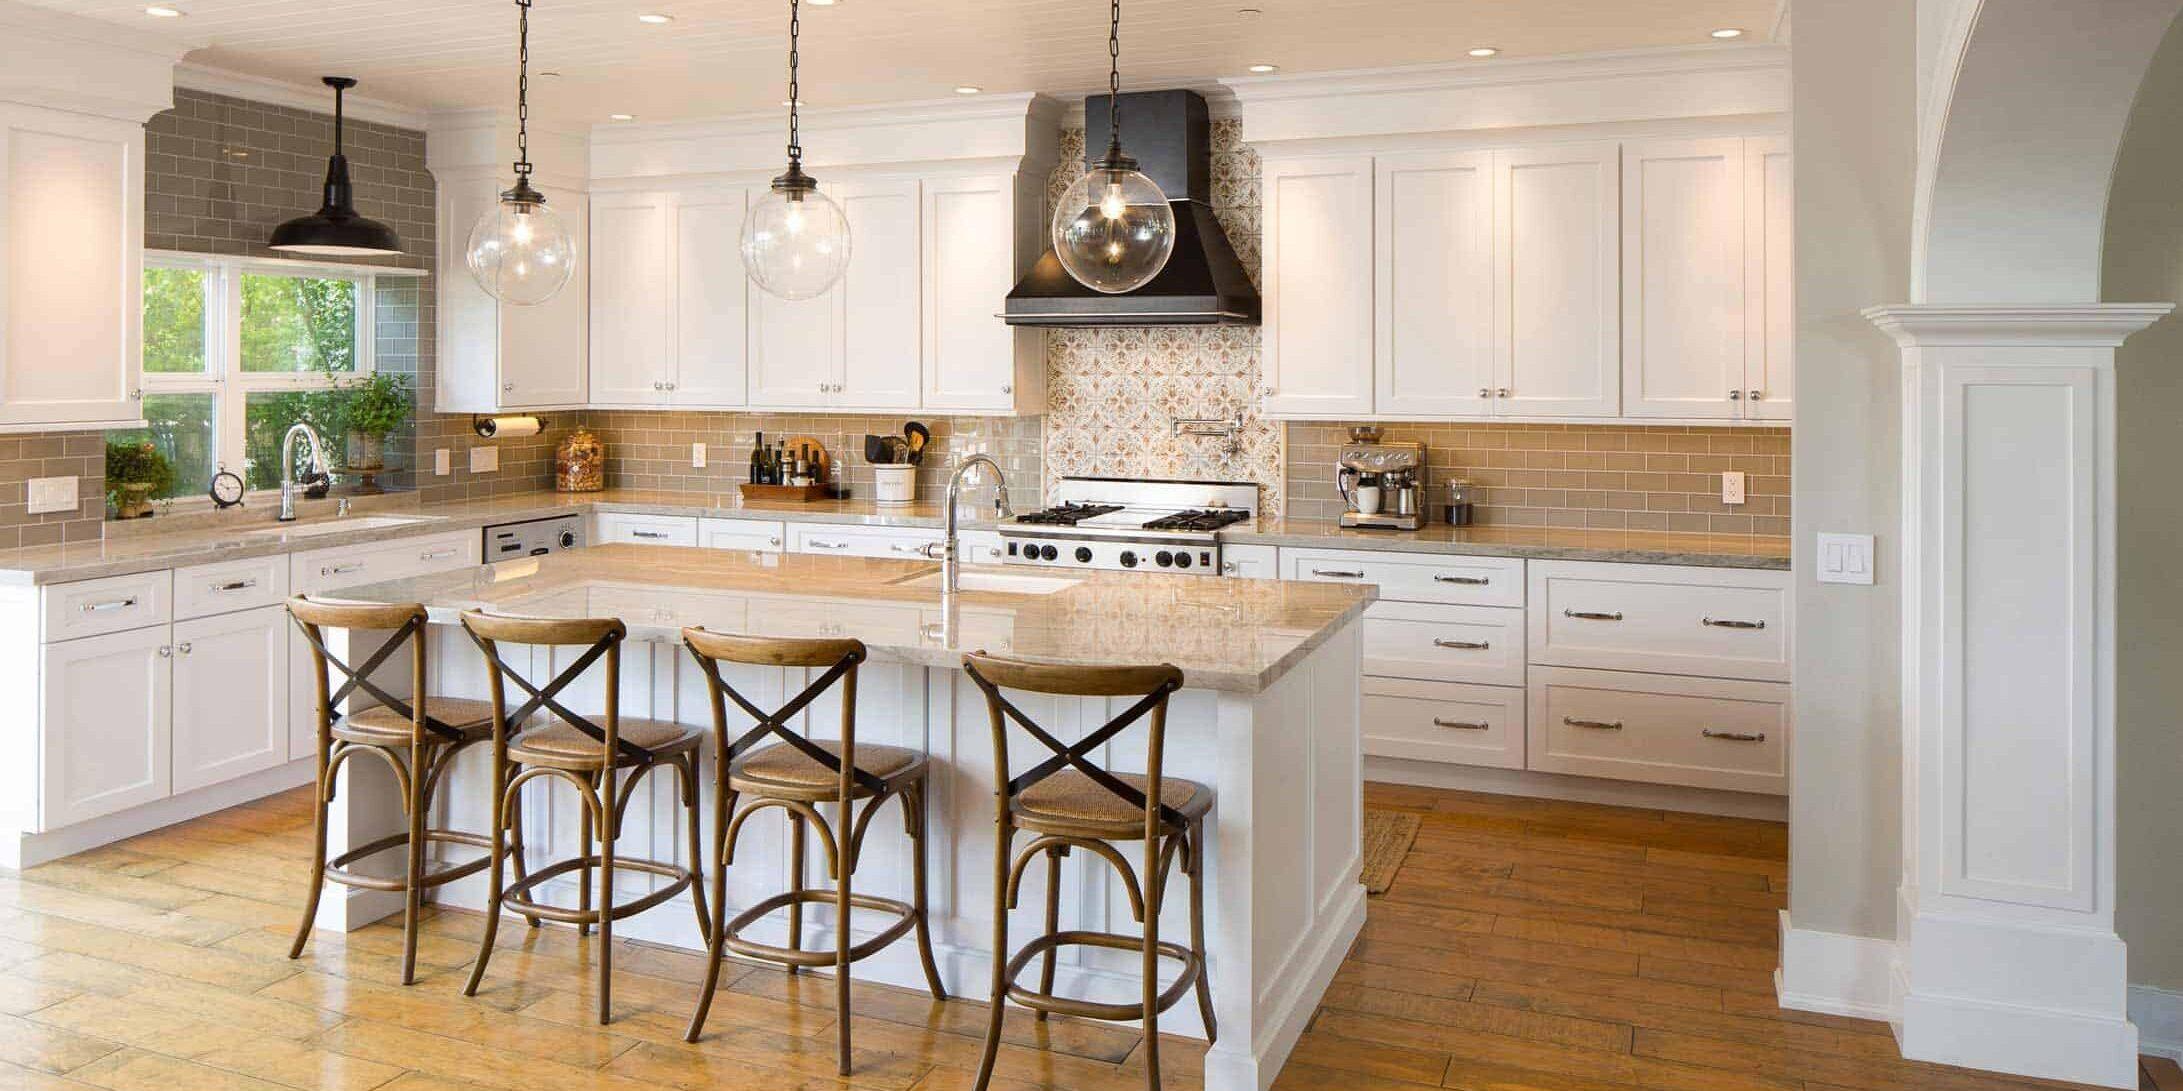 designer-kitchen-in-artic-white-plato-cabinets-cupboards